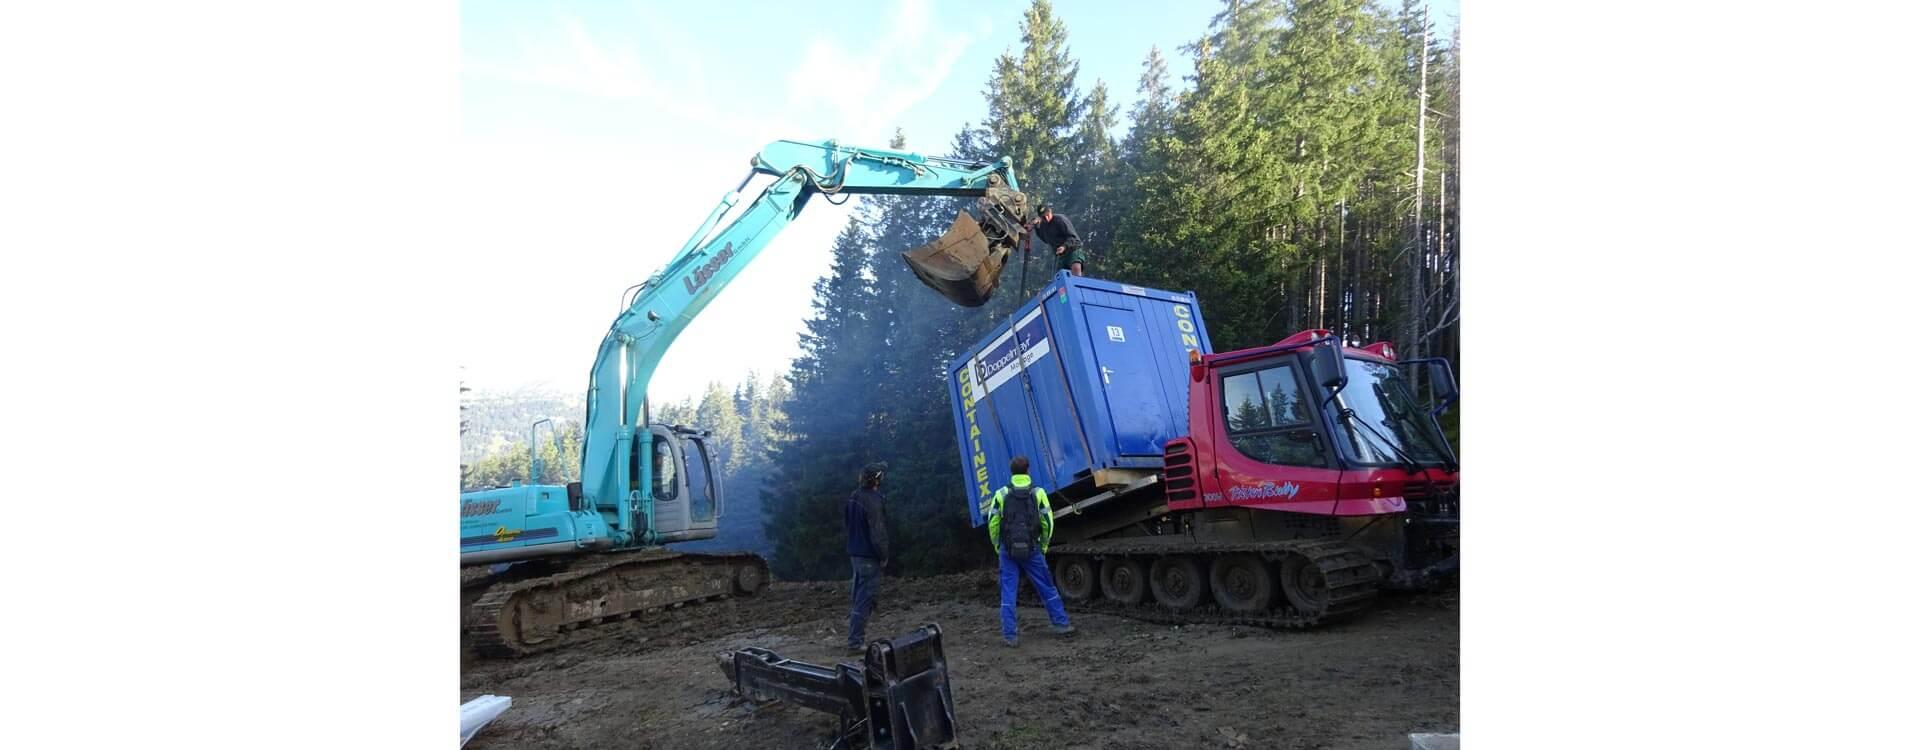 Seilbahnprofi urbaner Verkehr Berglift